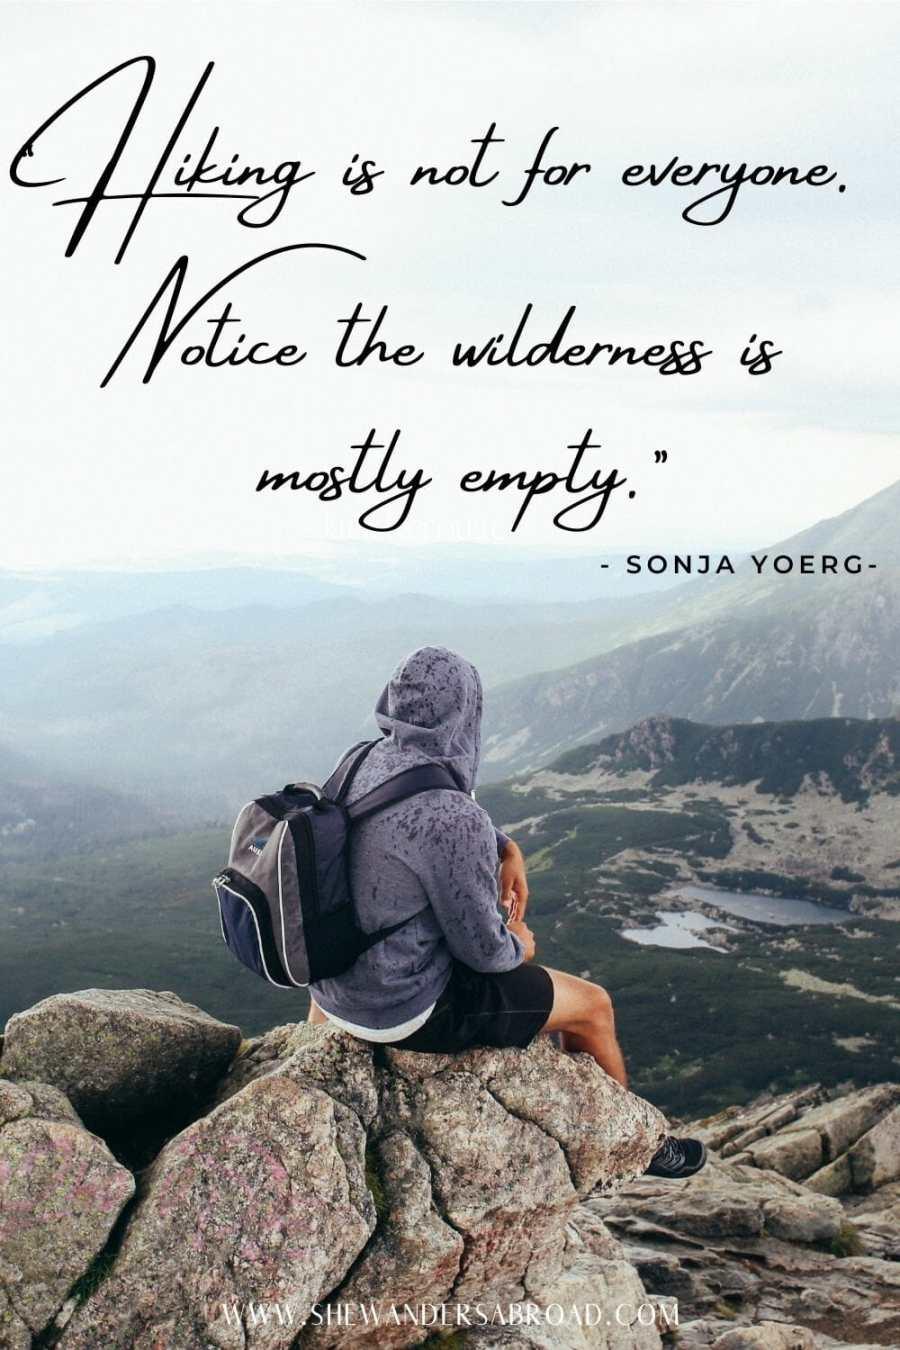 Best trekking captions for Instagram